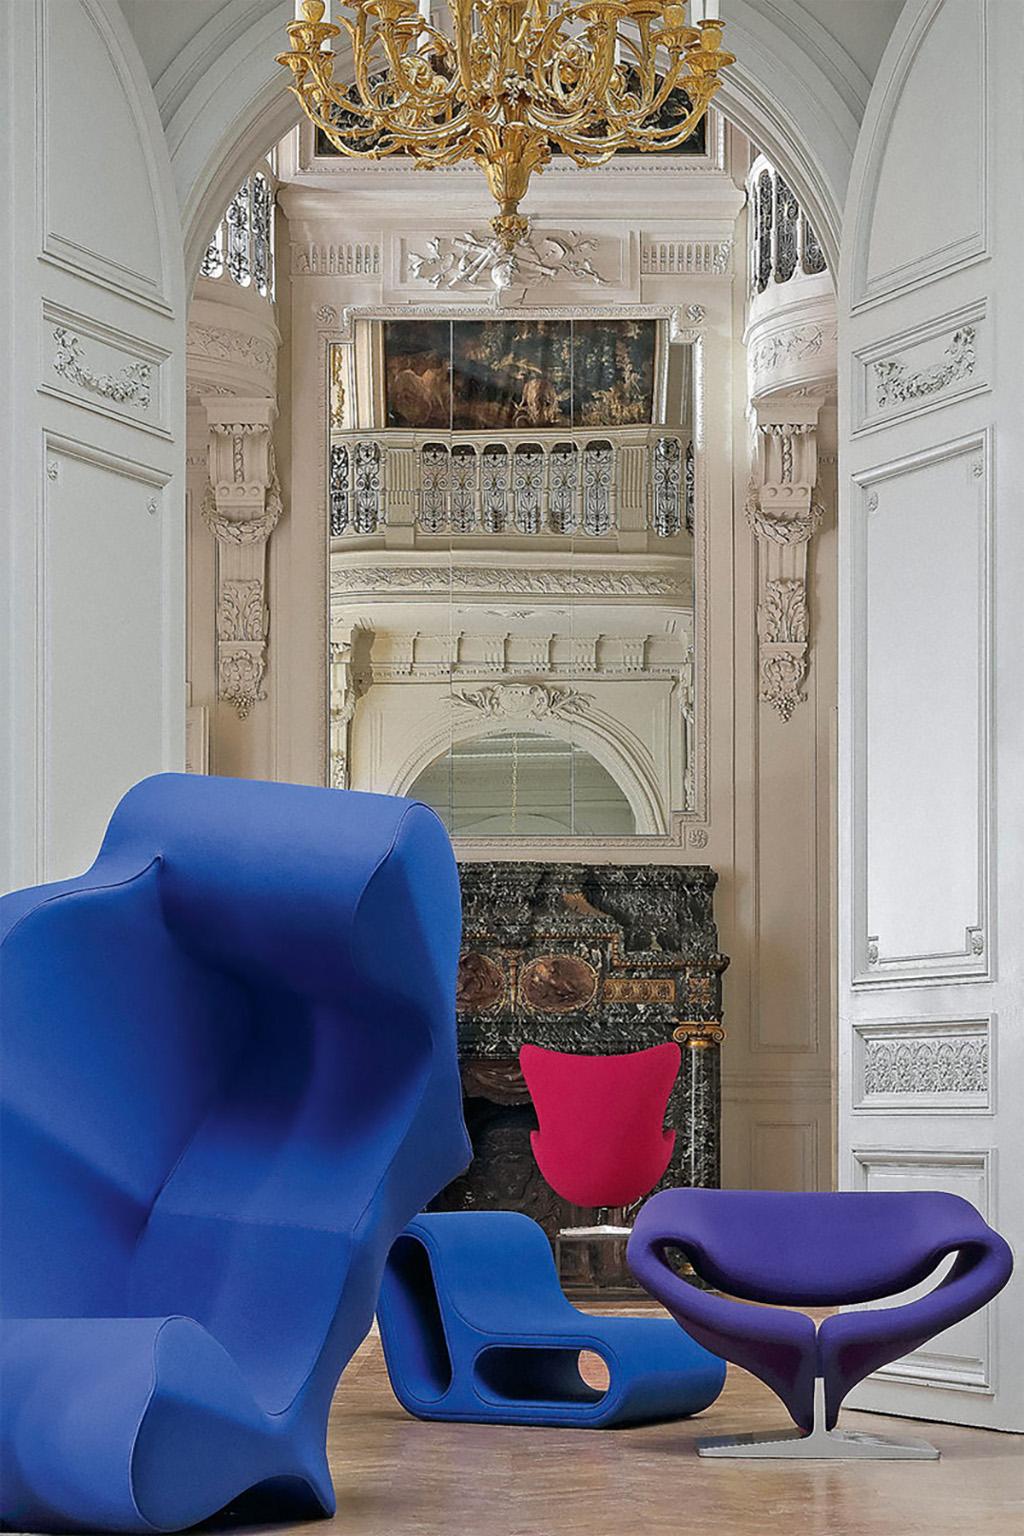 Cтулья Пьера Полена в Елисеейском дворце